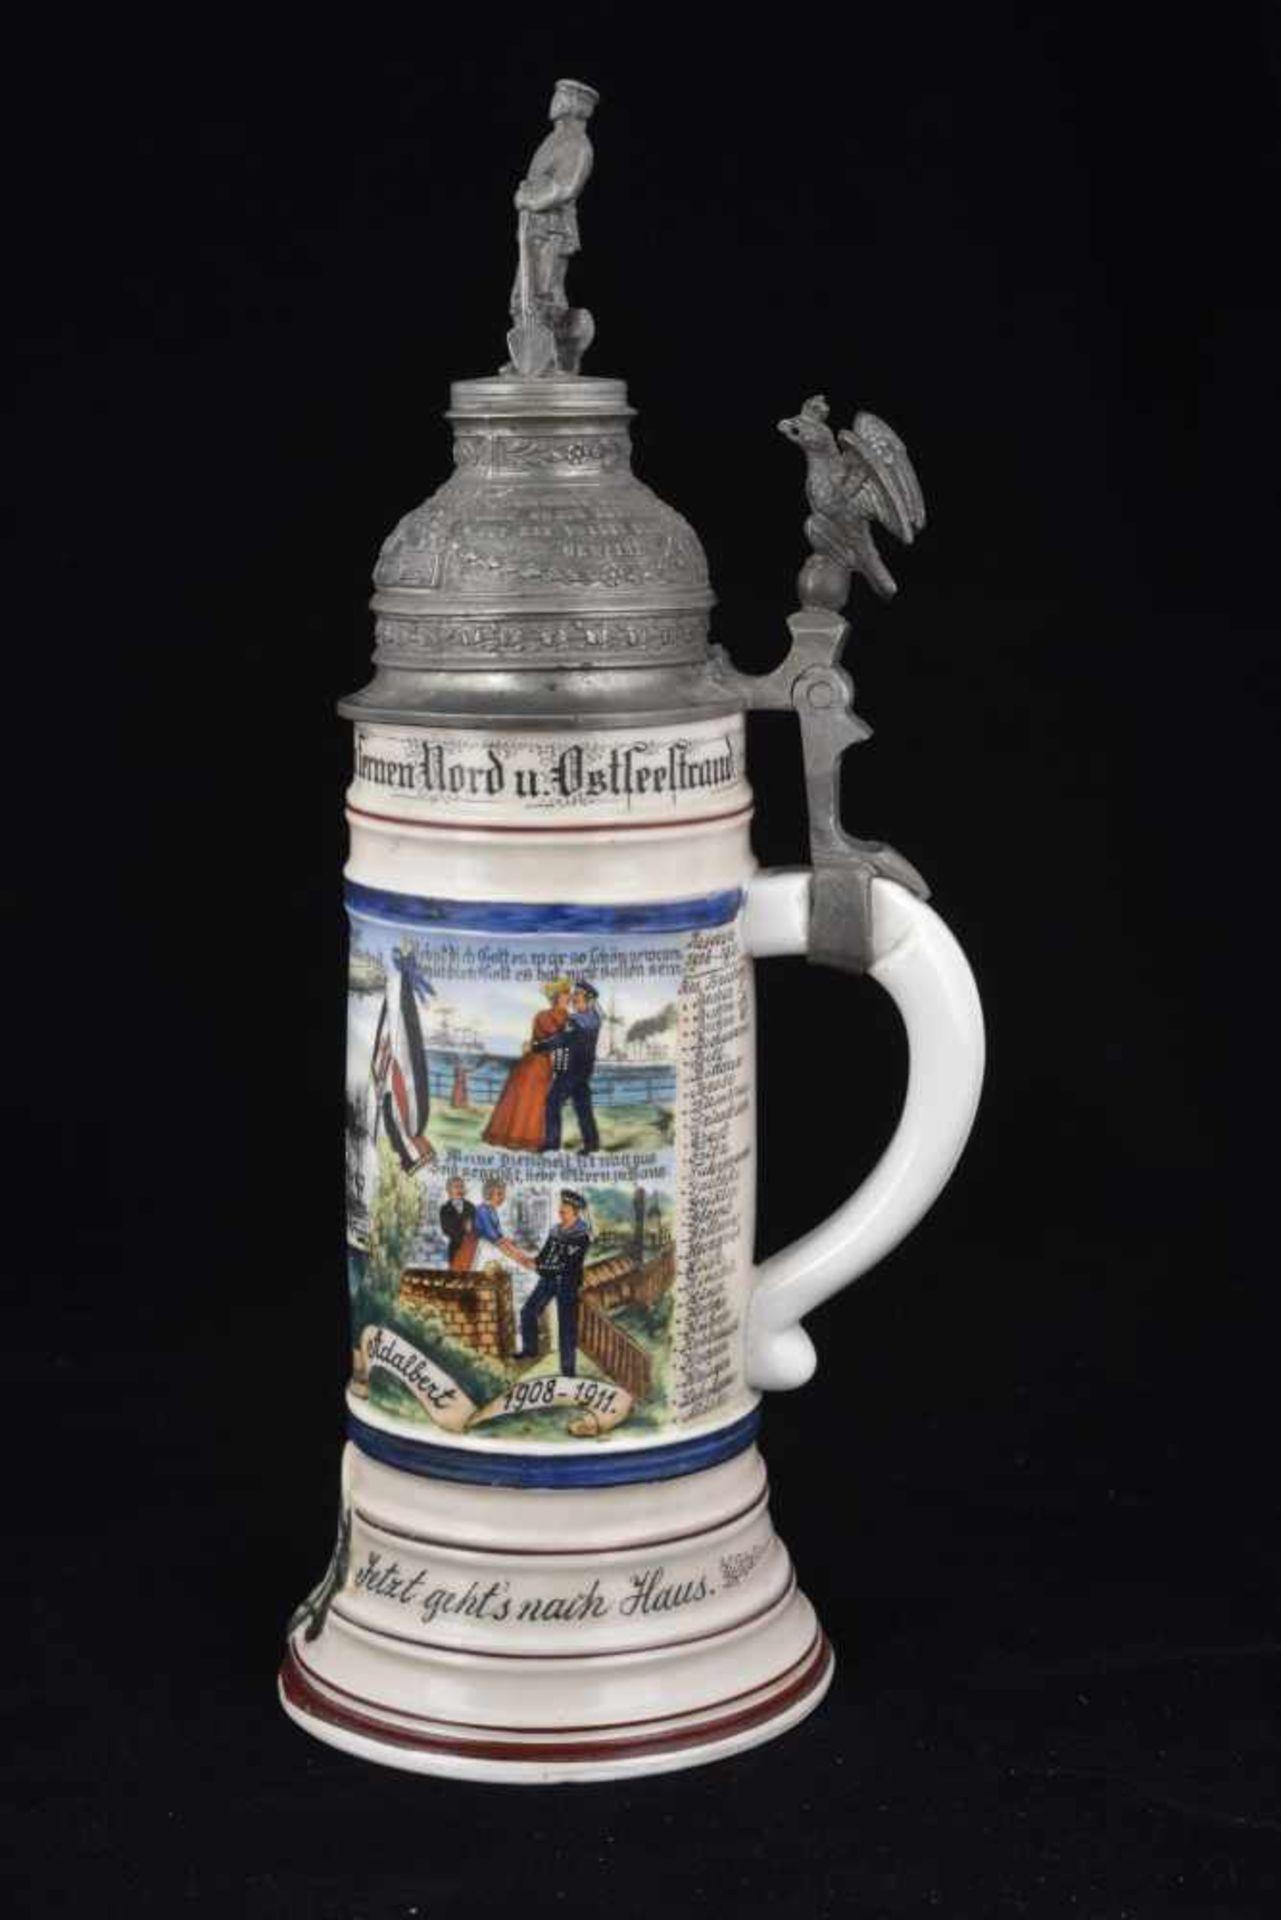 Chope du S.M.S. PRINZ ADALBERT En porcelaine blanche d'1/2 litre, richement décorée. Couvercle - Bild 4 aus 4